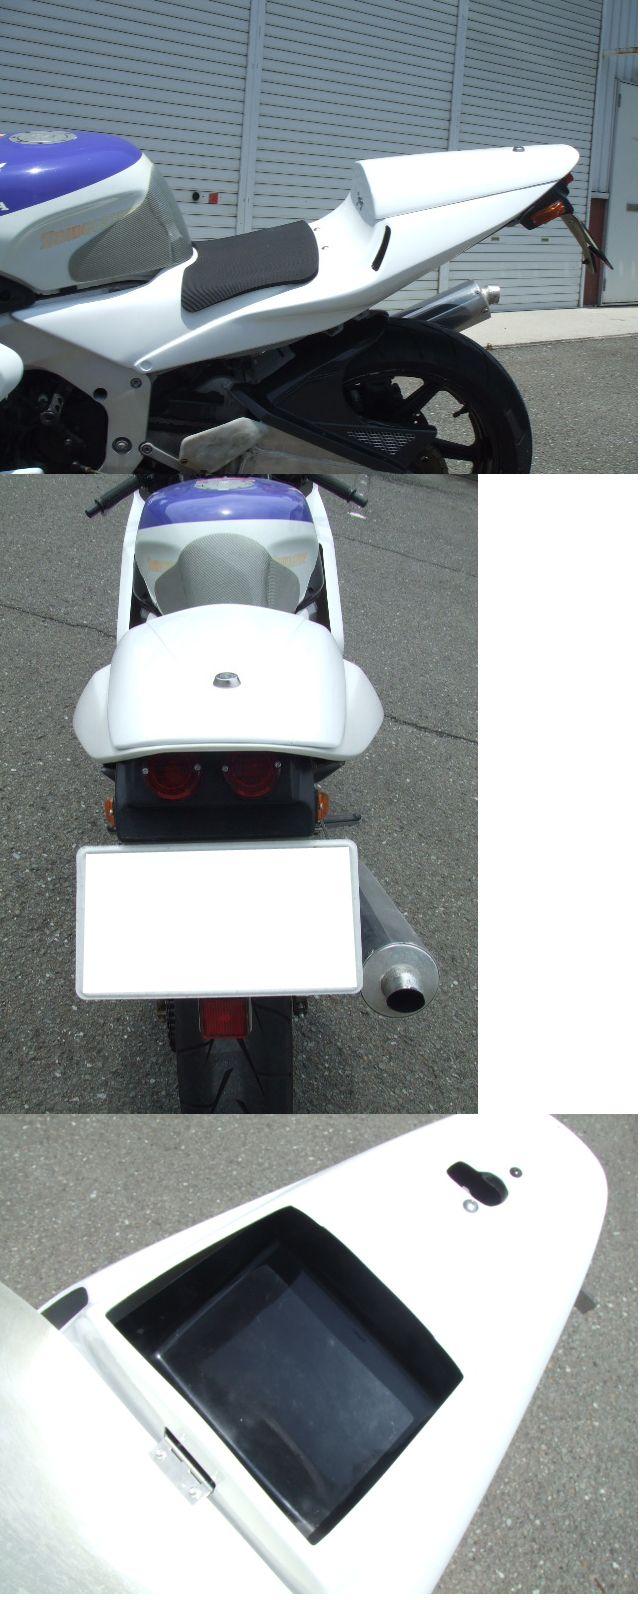 600RR 復刻版單座整流罩 (Type-2)